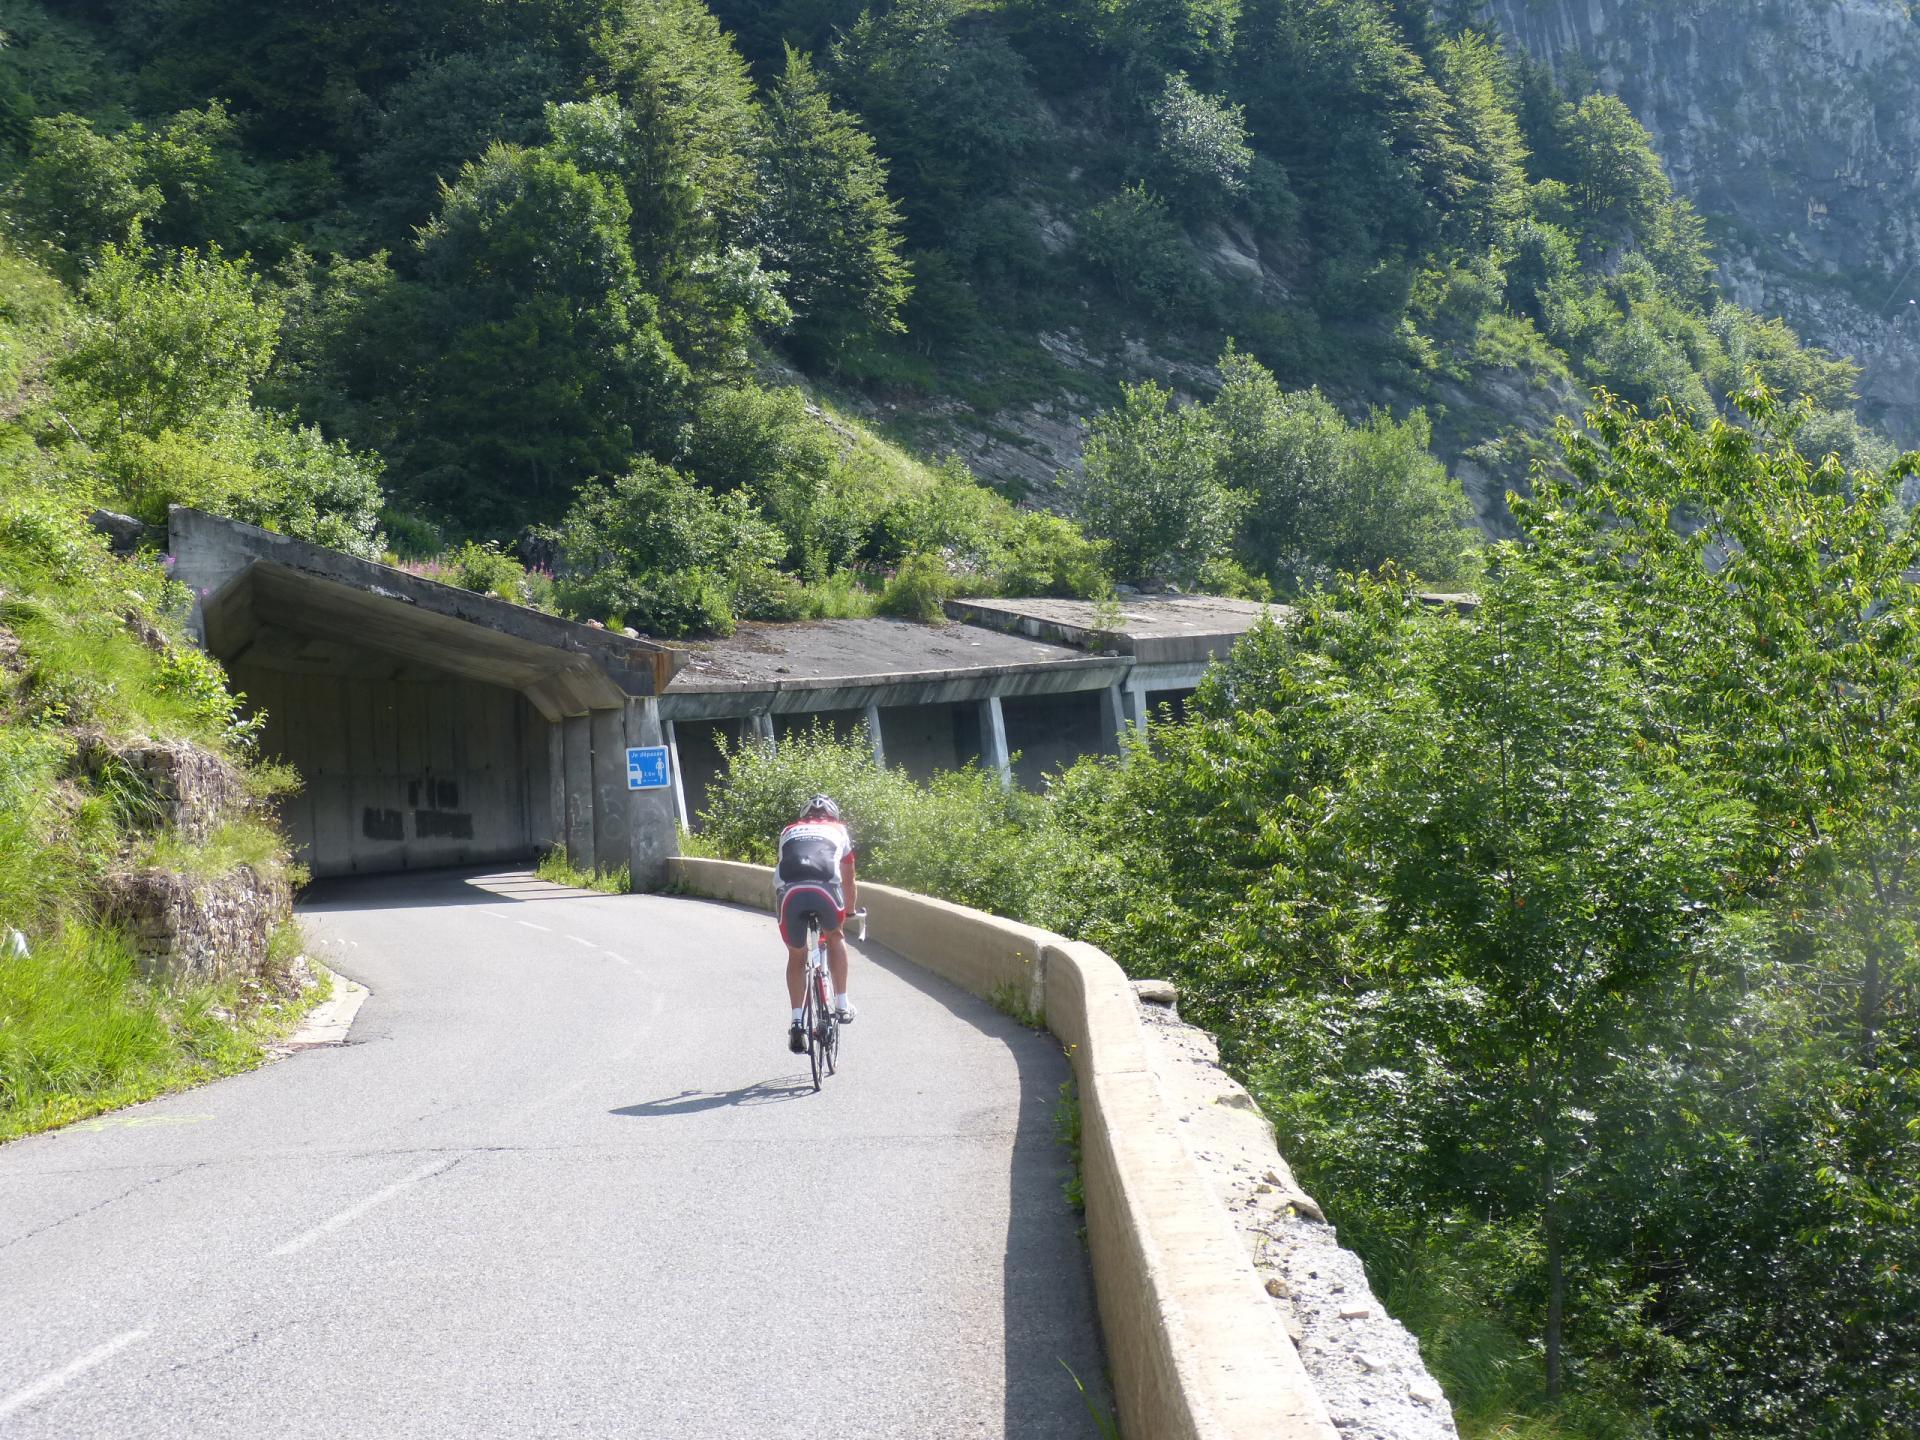 Circuit vélo autour du Roc d'Enfer depuis bellevaux